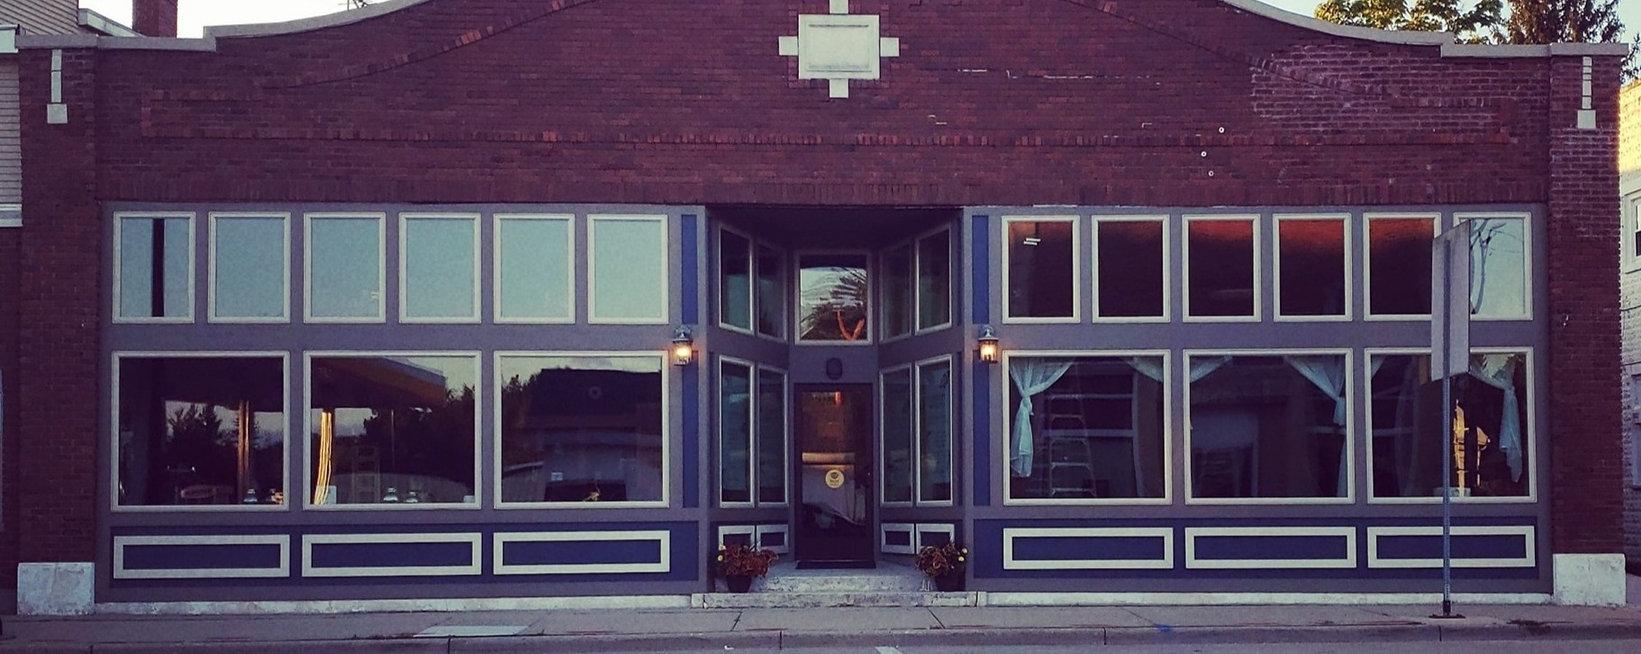 109 Lodi Street Lodi Wisconsin